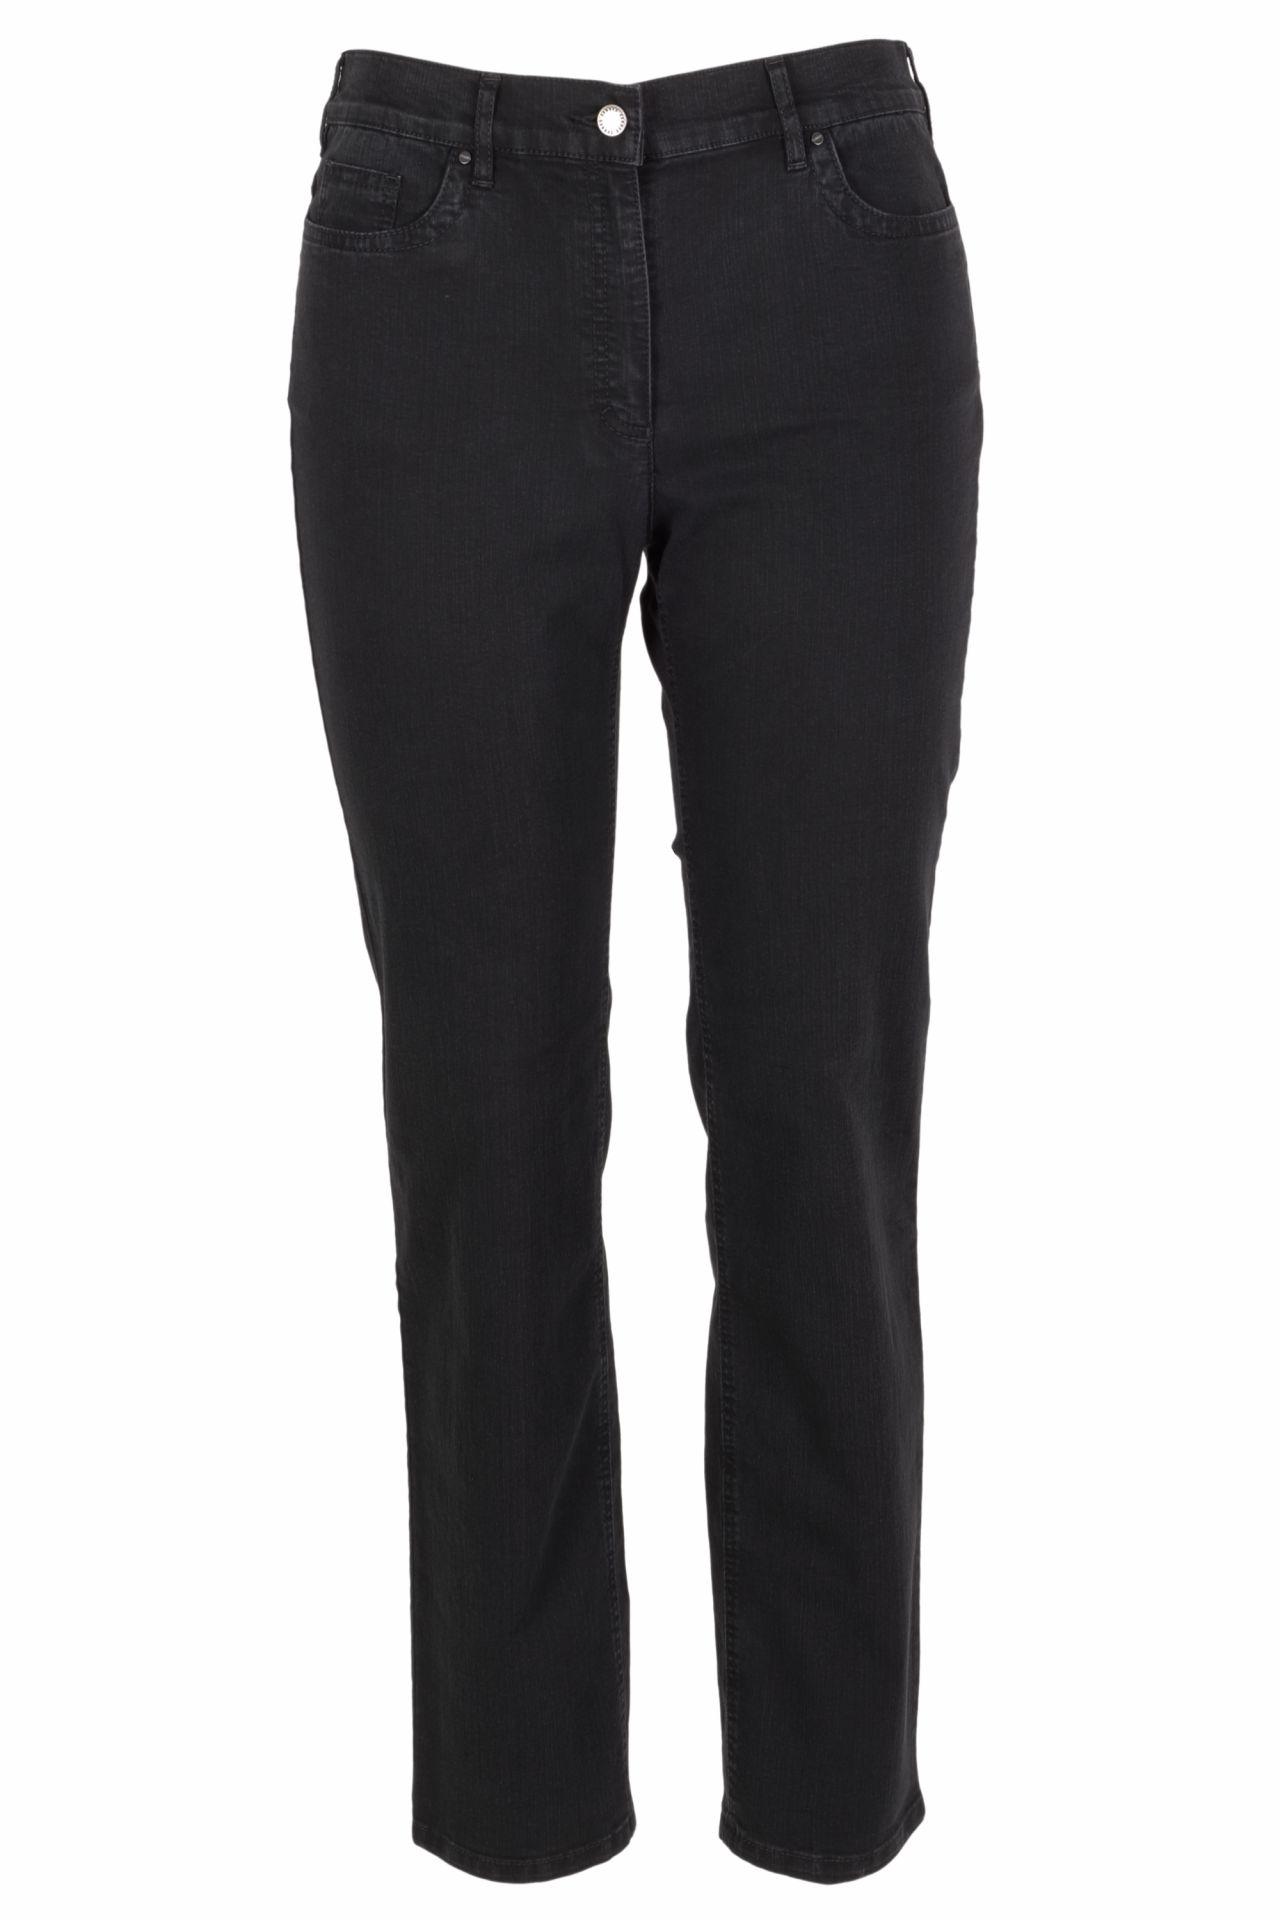 Zerres Damen Jeans Cora comfort S 23 schwarz